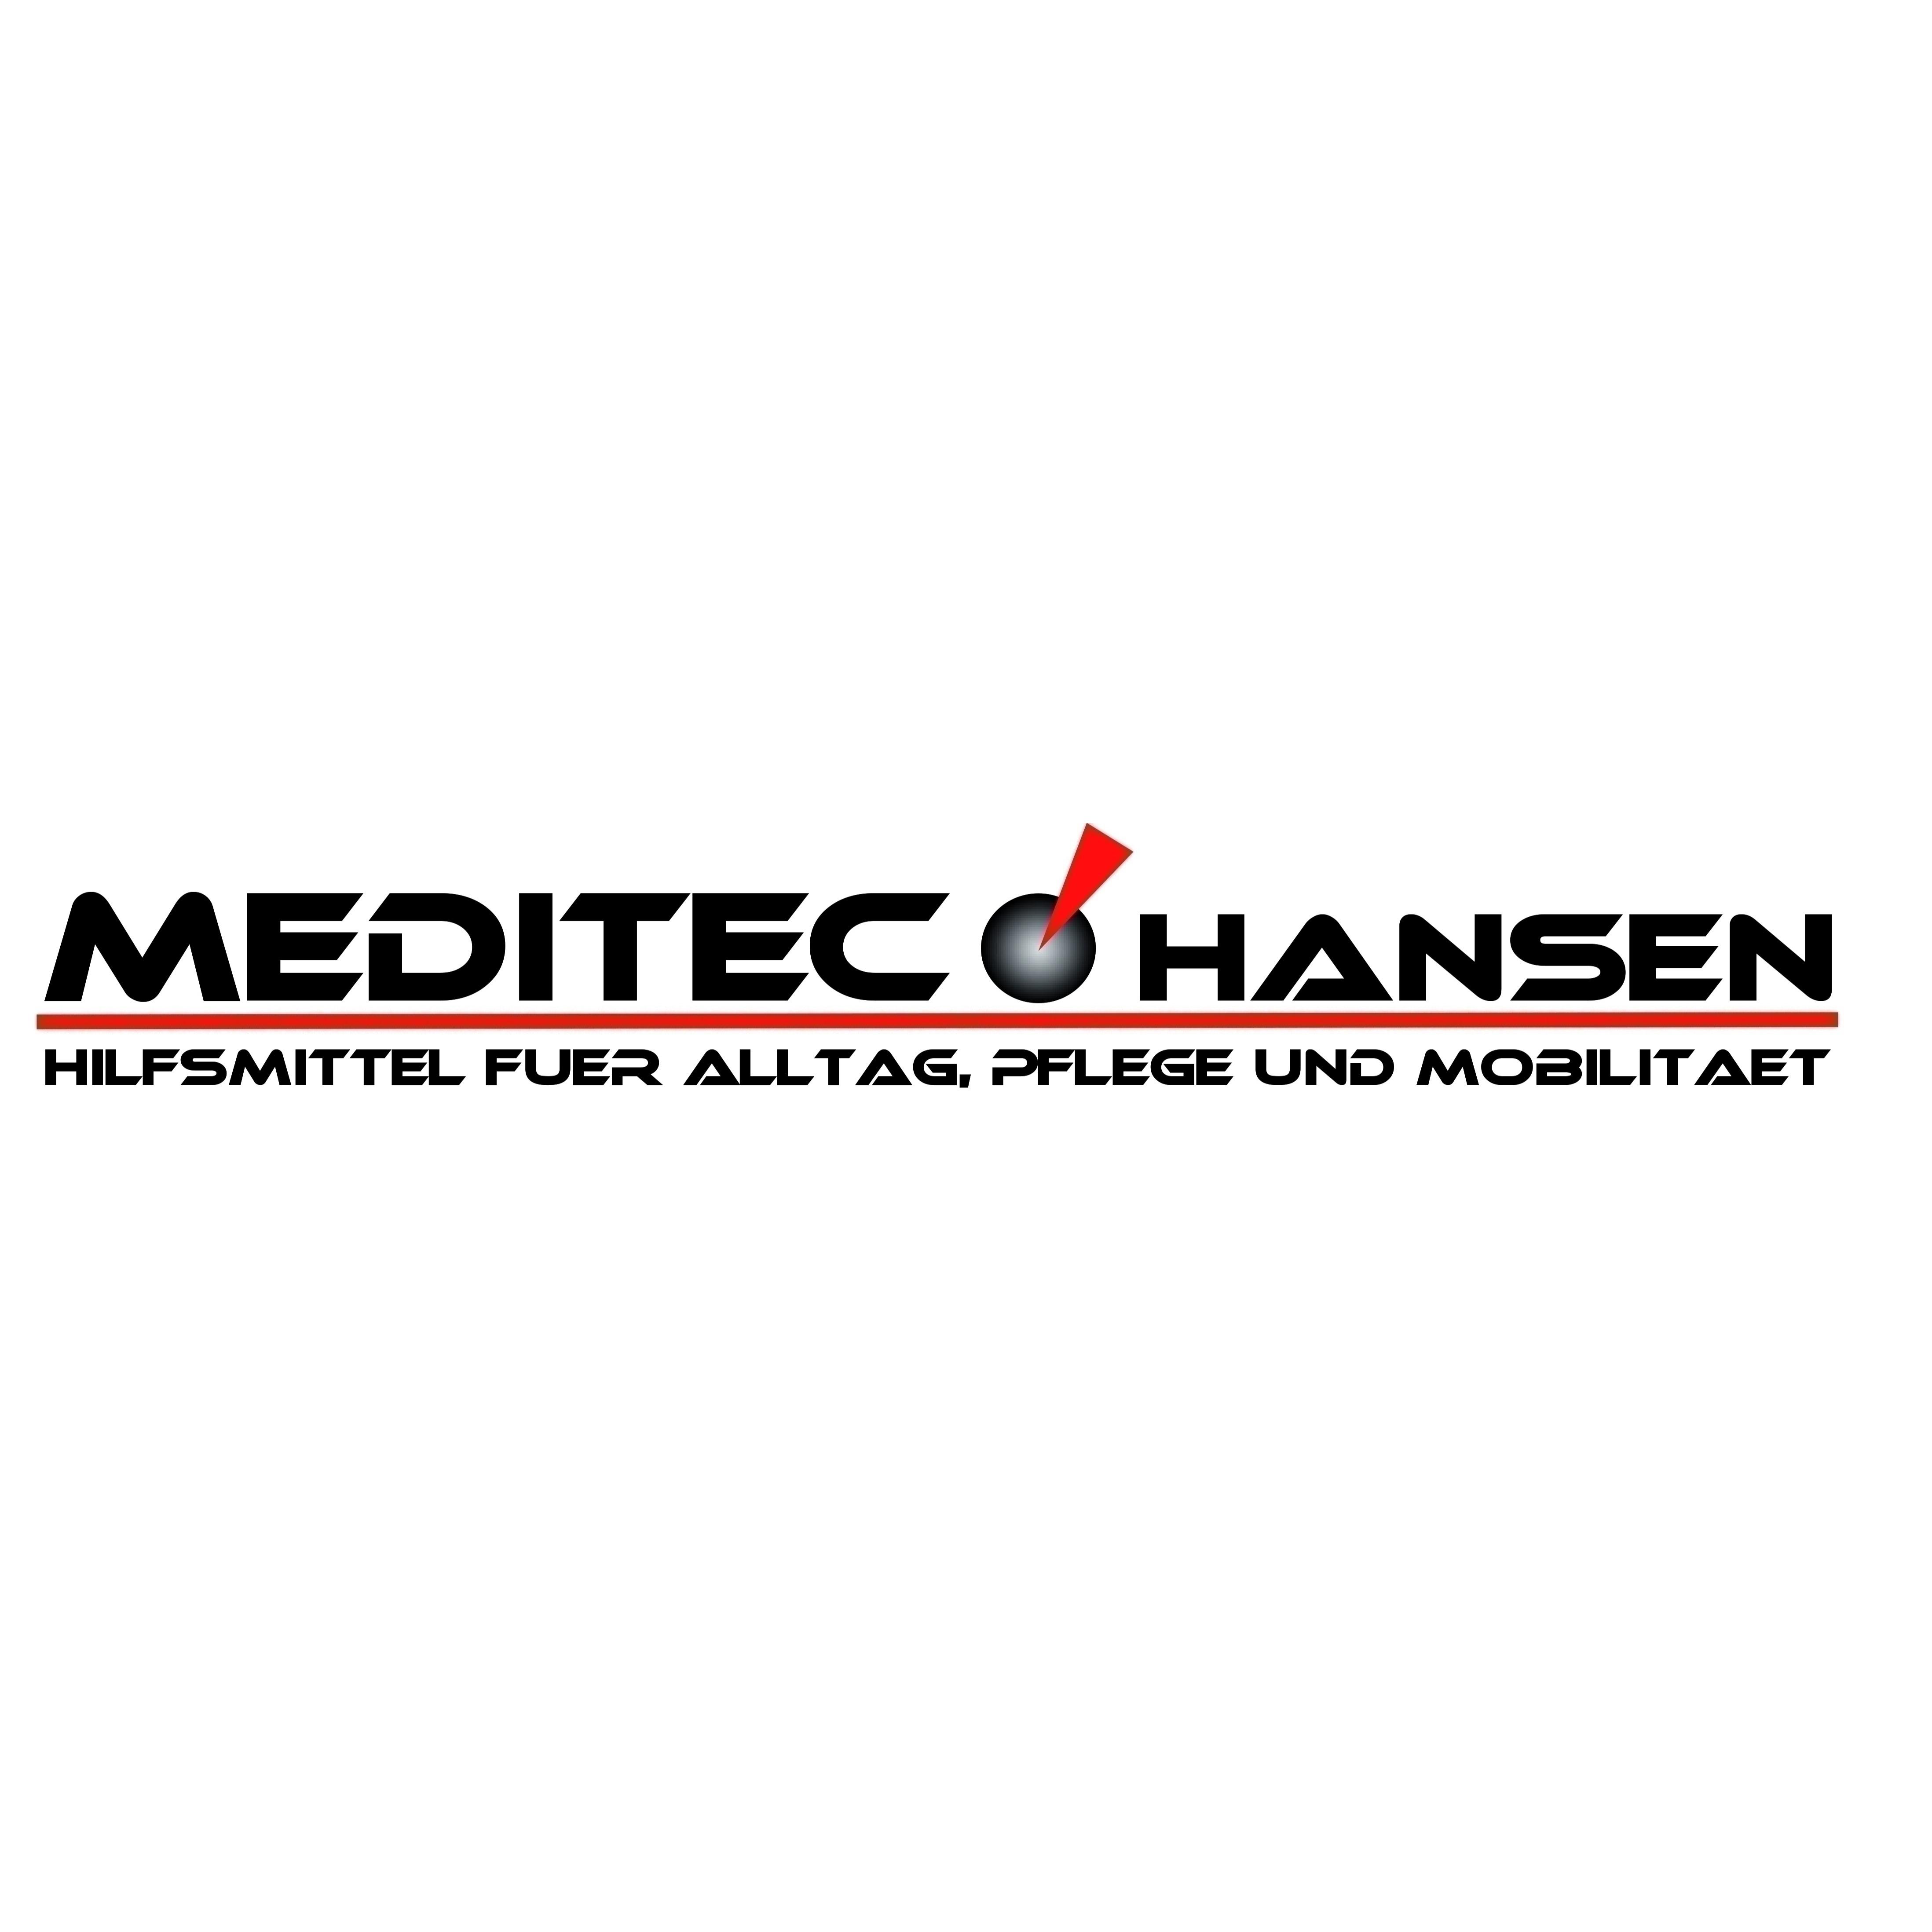 Bild zu Meditec Hansen - Hilfsmittel für Alltag, Pflege und Mobilität in Nachrodt Wiblingwerde